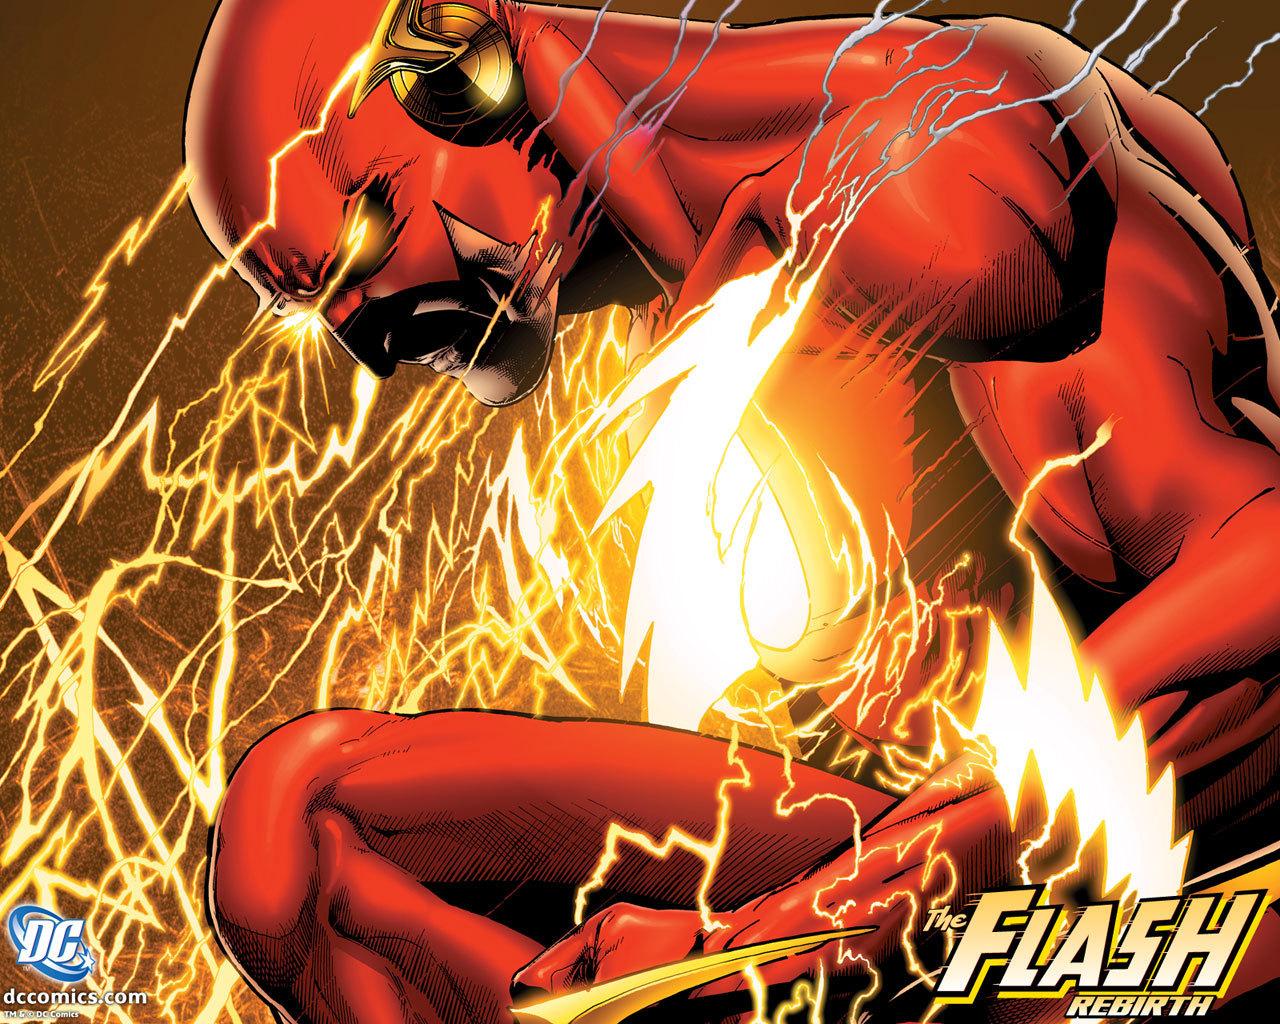 http://1.bp.blogspot.com/-Pw5h_D3A3uw/T2ZWhGz9IgI/AAAAAAAAAFw/ZkrkucaT_Zw/s1600/1280_Flash_the_Rebirth_dc_comics.jpg